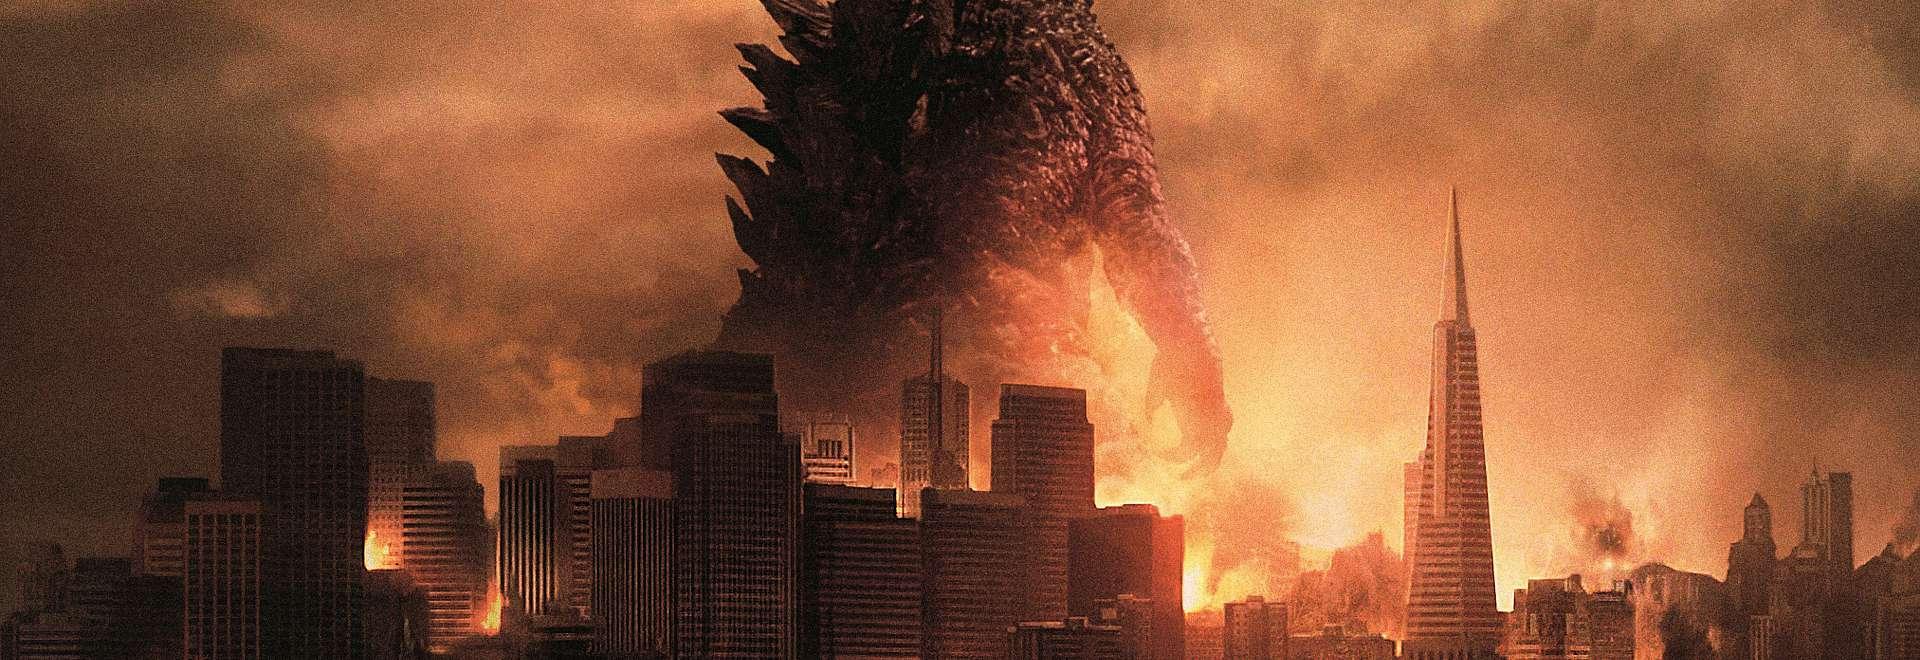 Godzilla Feature Image